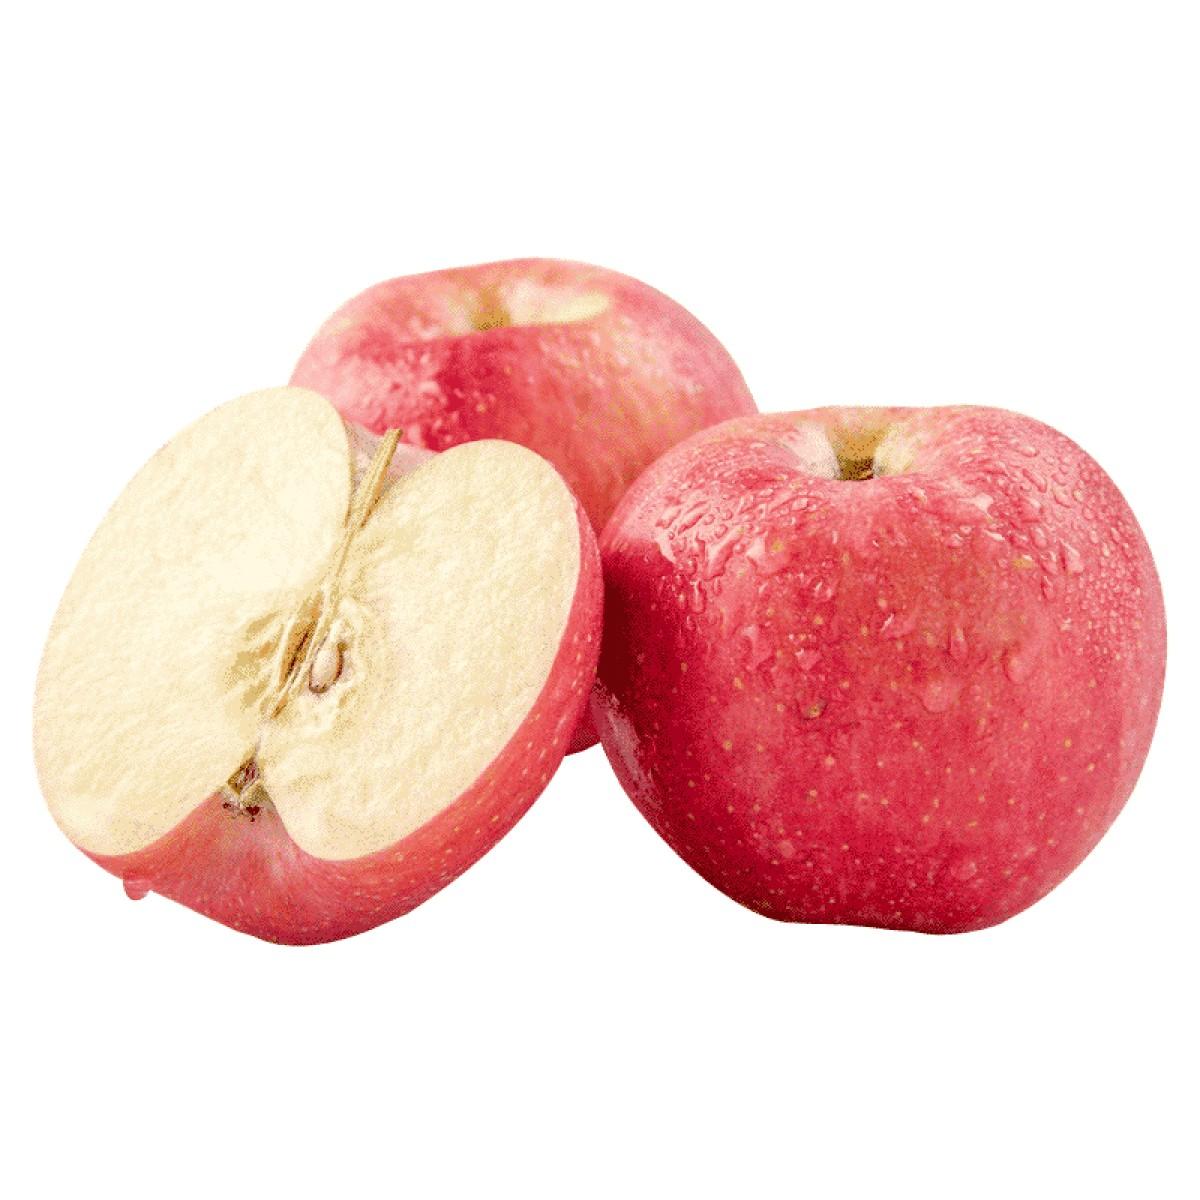 【延安扶贫馆】黄土情延安洛川苹果24头75果 红富士24枚装